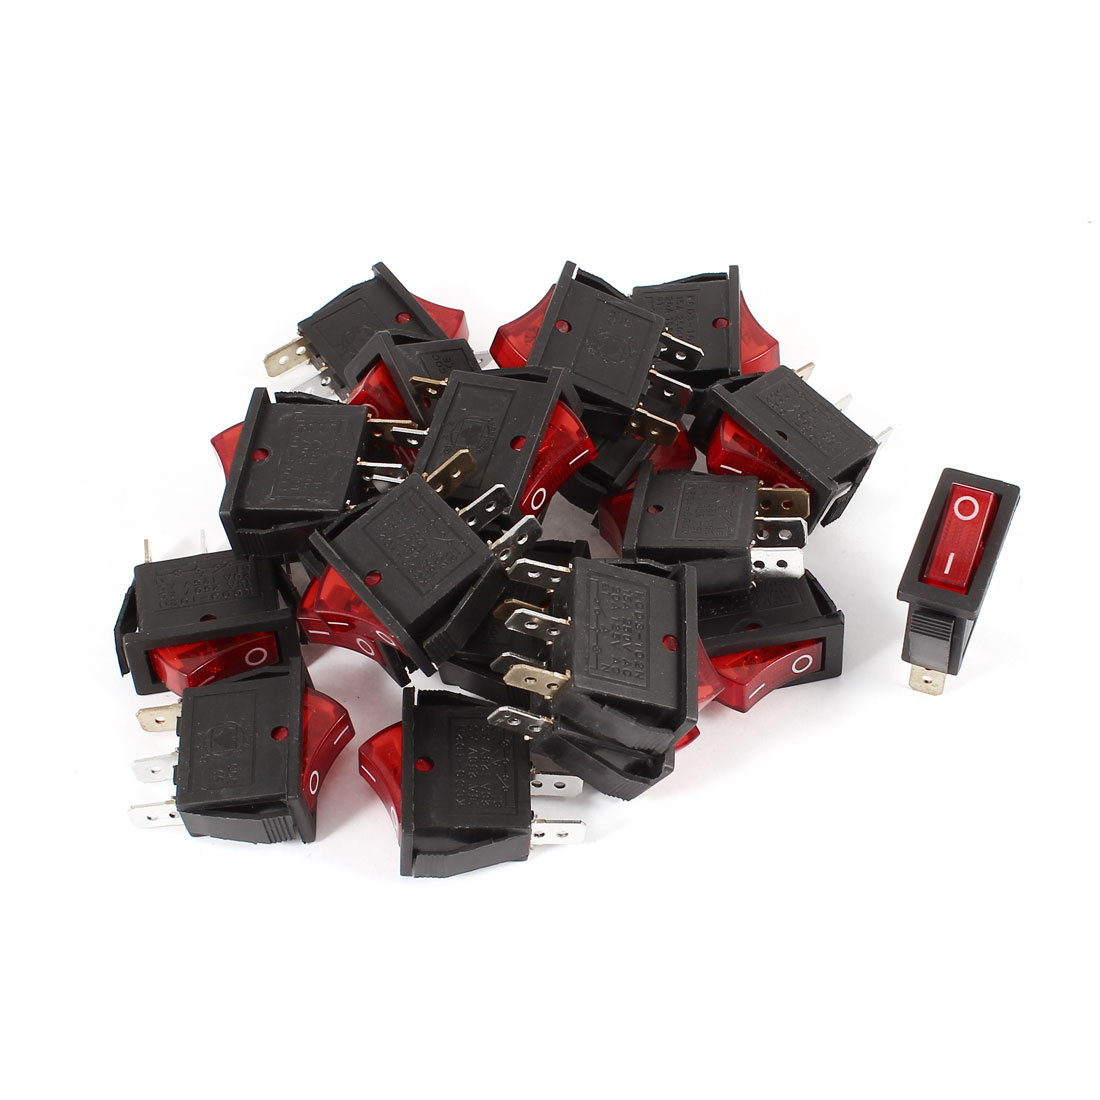 20 Pcs AC 15A/250V 20A/125V 3 Pole SPST ON/OFF Red LED Indicator Rocker Switch KCD3-102N